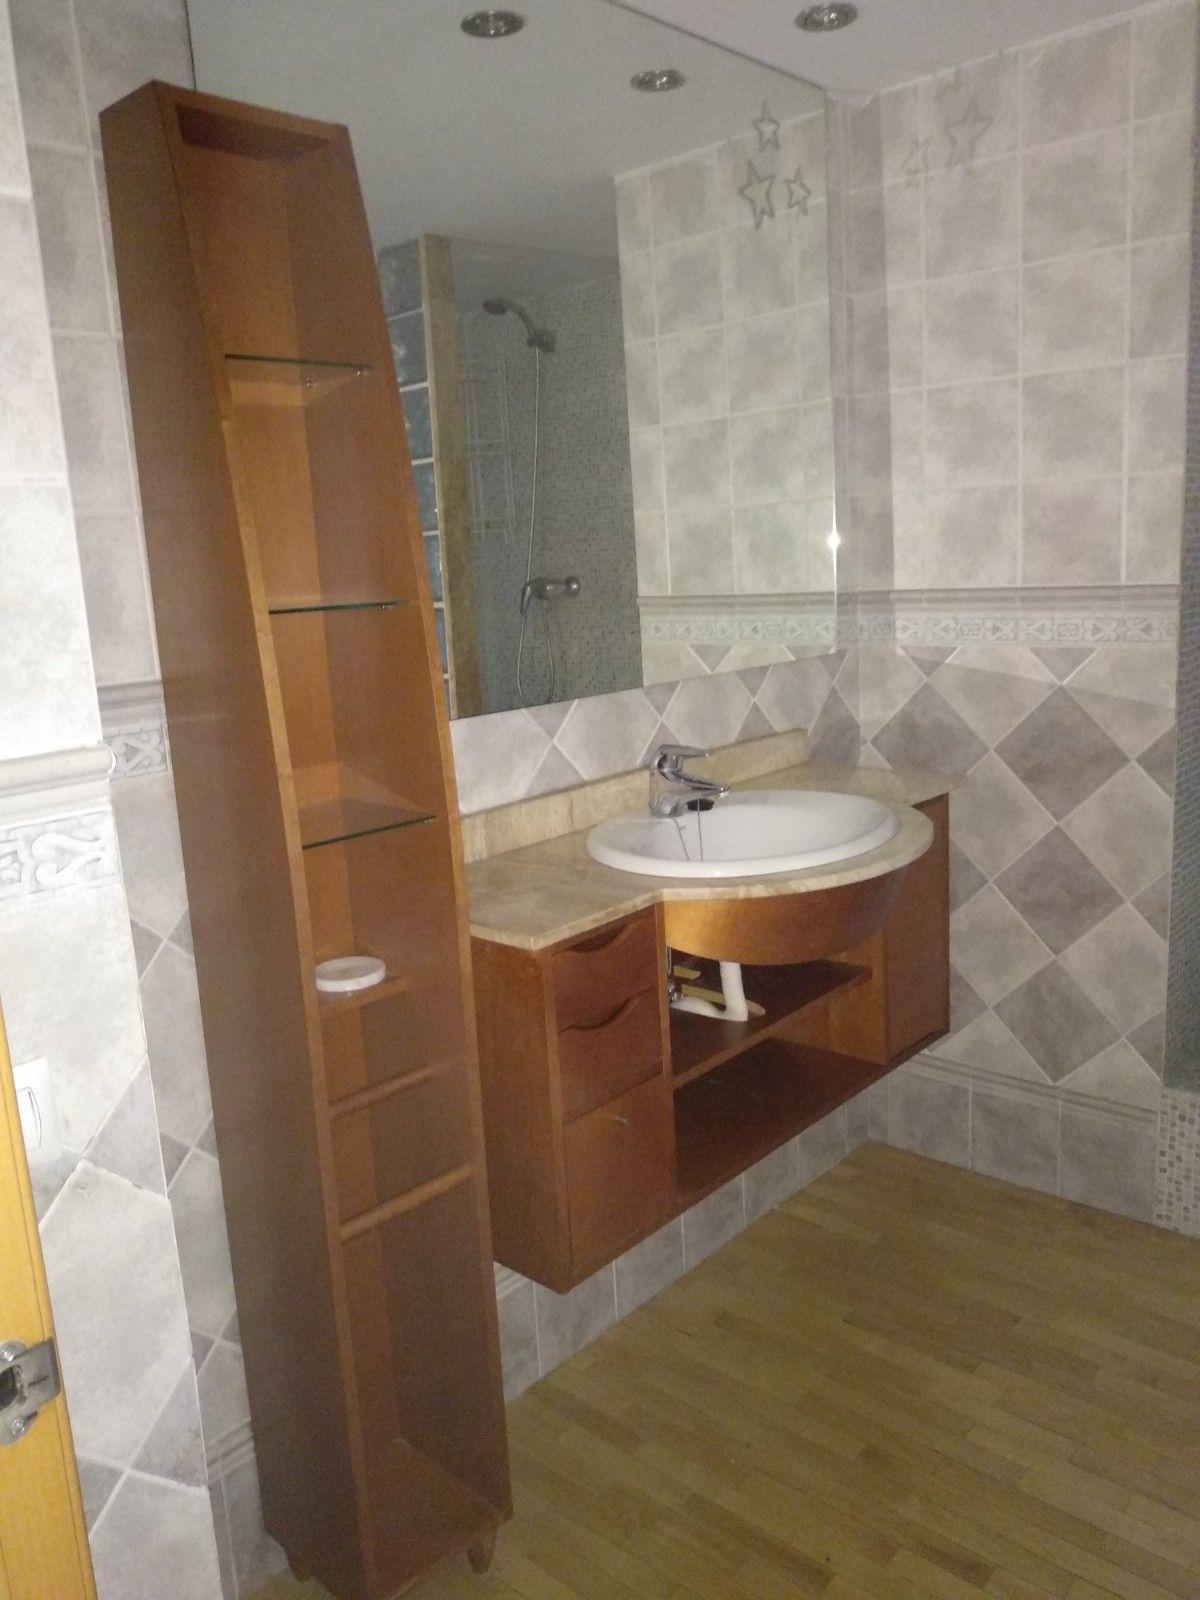 Estado inicial. Antes del proyecto de interiorismo residencial 2D de para baños y cocina en Barcelona de estilo wellnes y nórdico-rustico, @Utrillanais